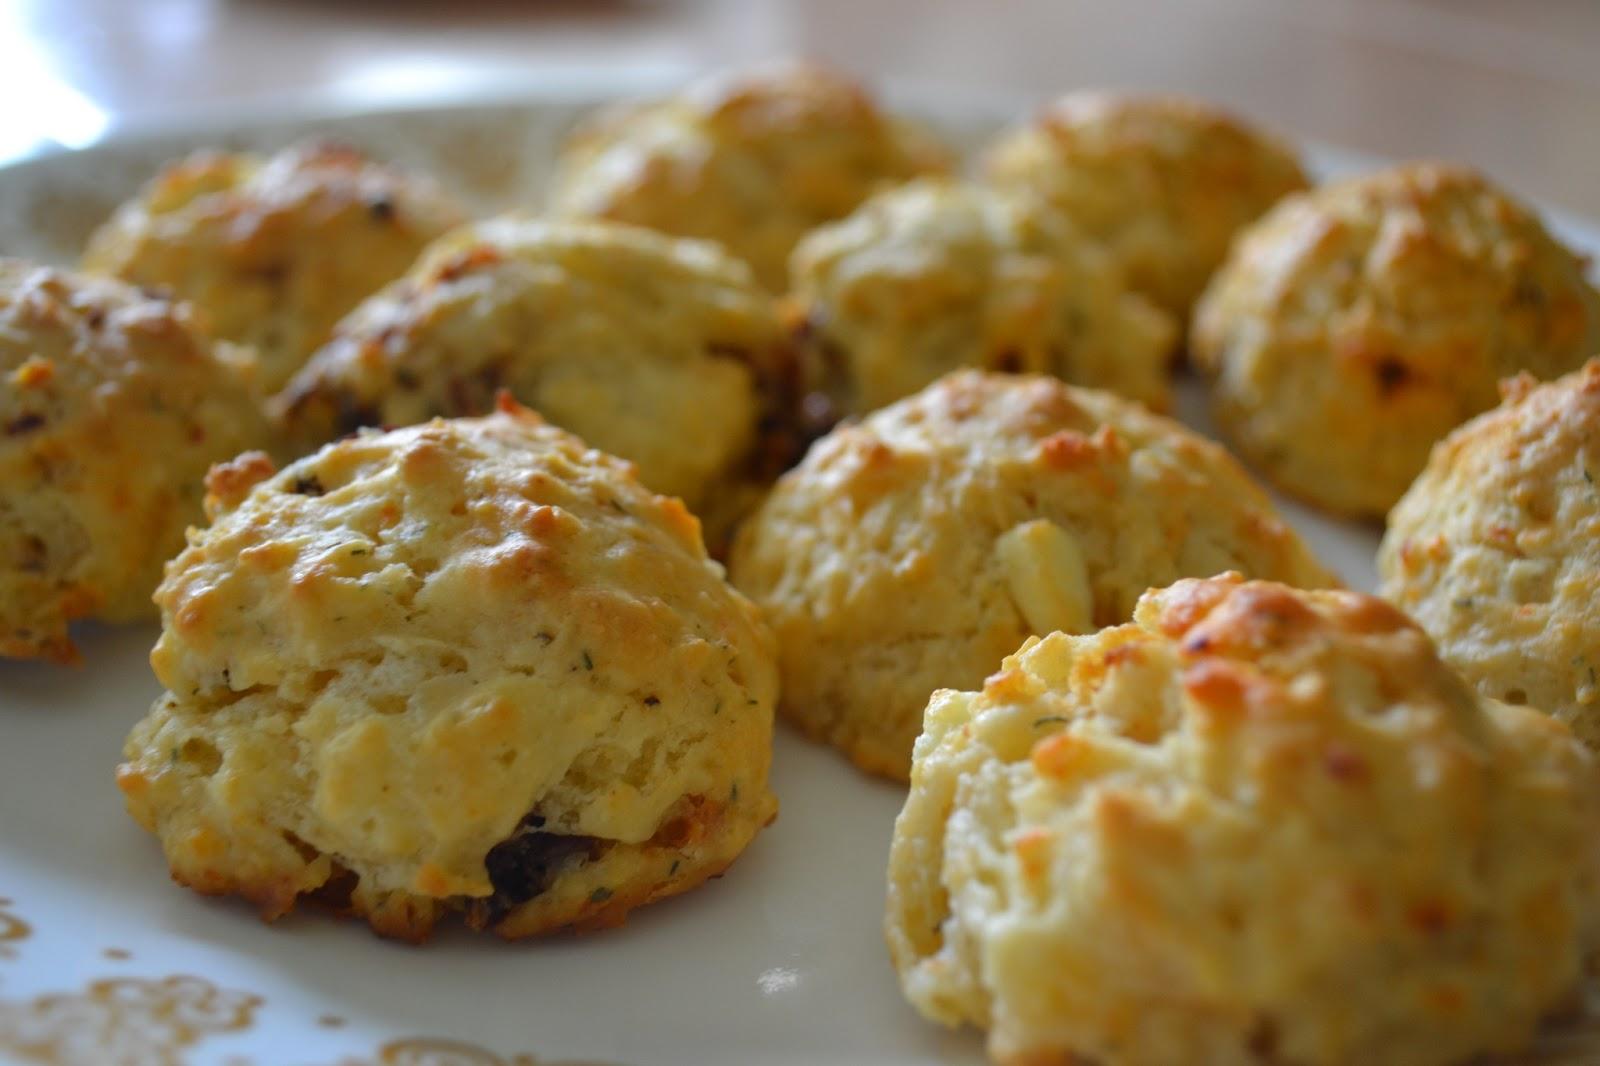 Tomato cookie recipe